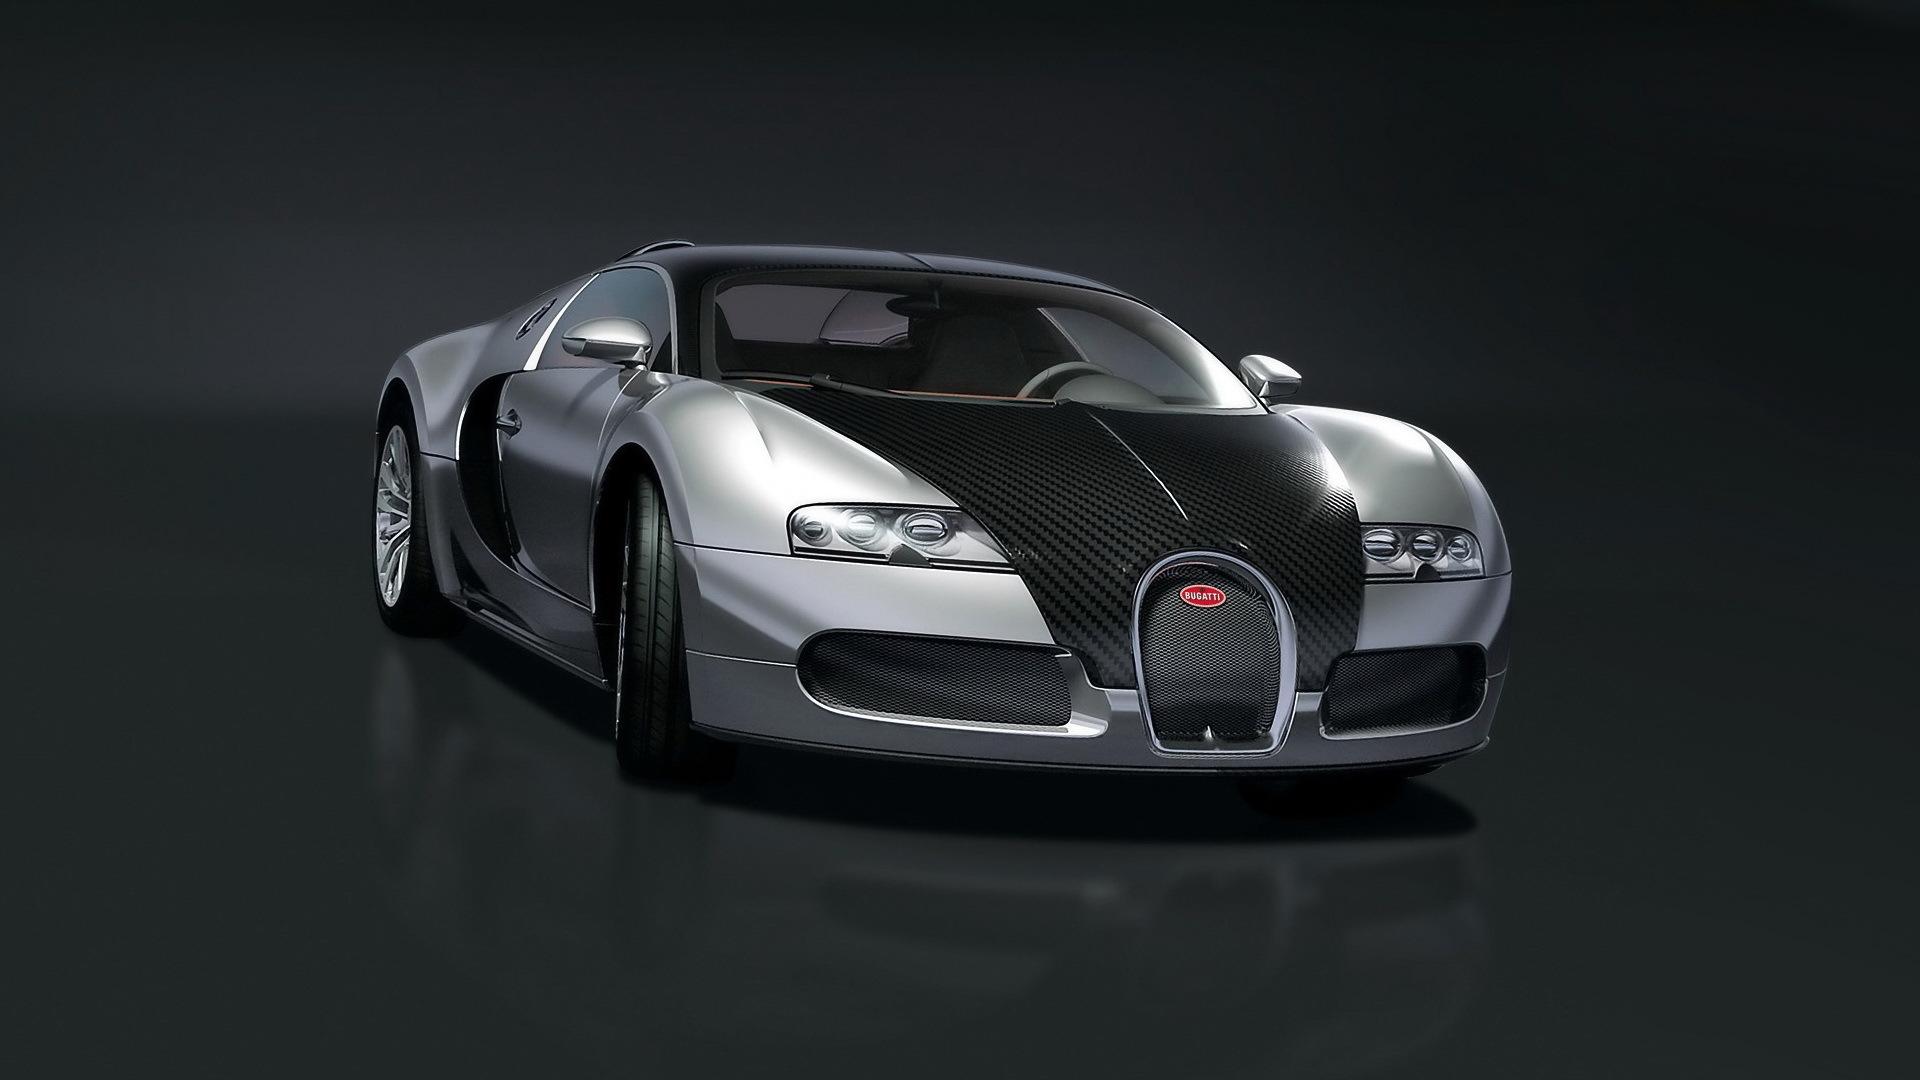 45246 скачать обои Транспорт, Машины, Бугатти (Bugatti) - заставки и картинки бесплатно